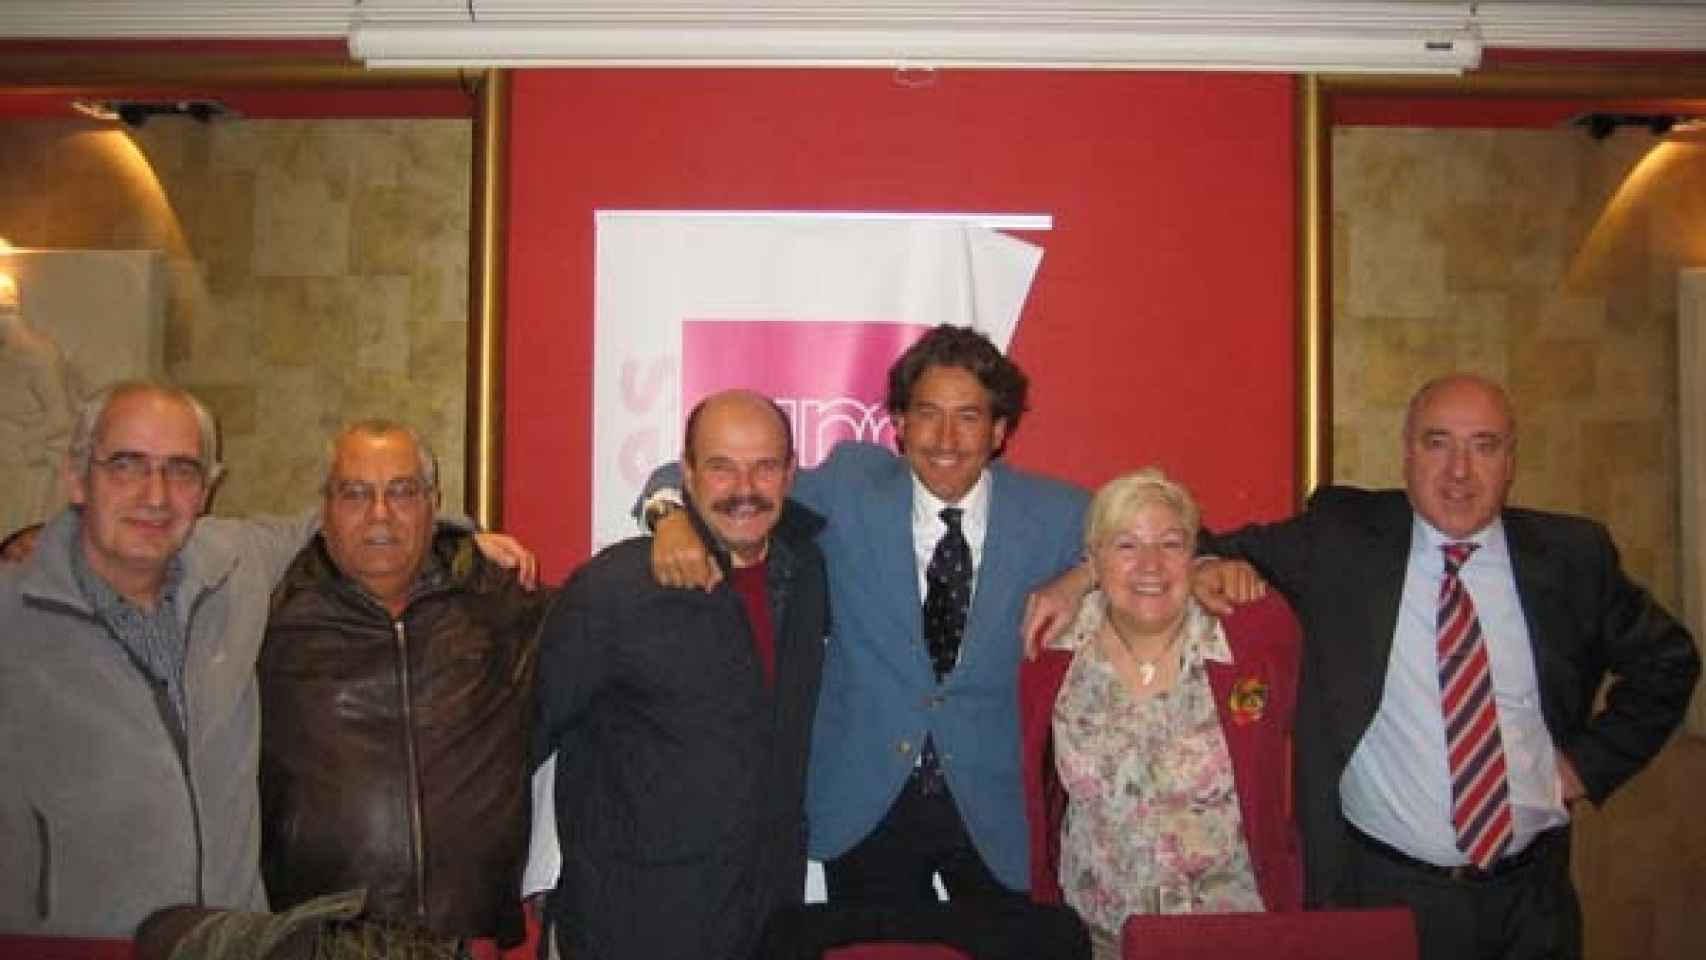 Álvaro de Marichalar en el centro con corbata junto a simpatizantes de UPyD en Soria